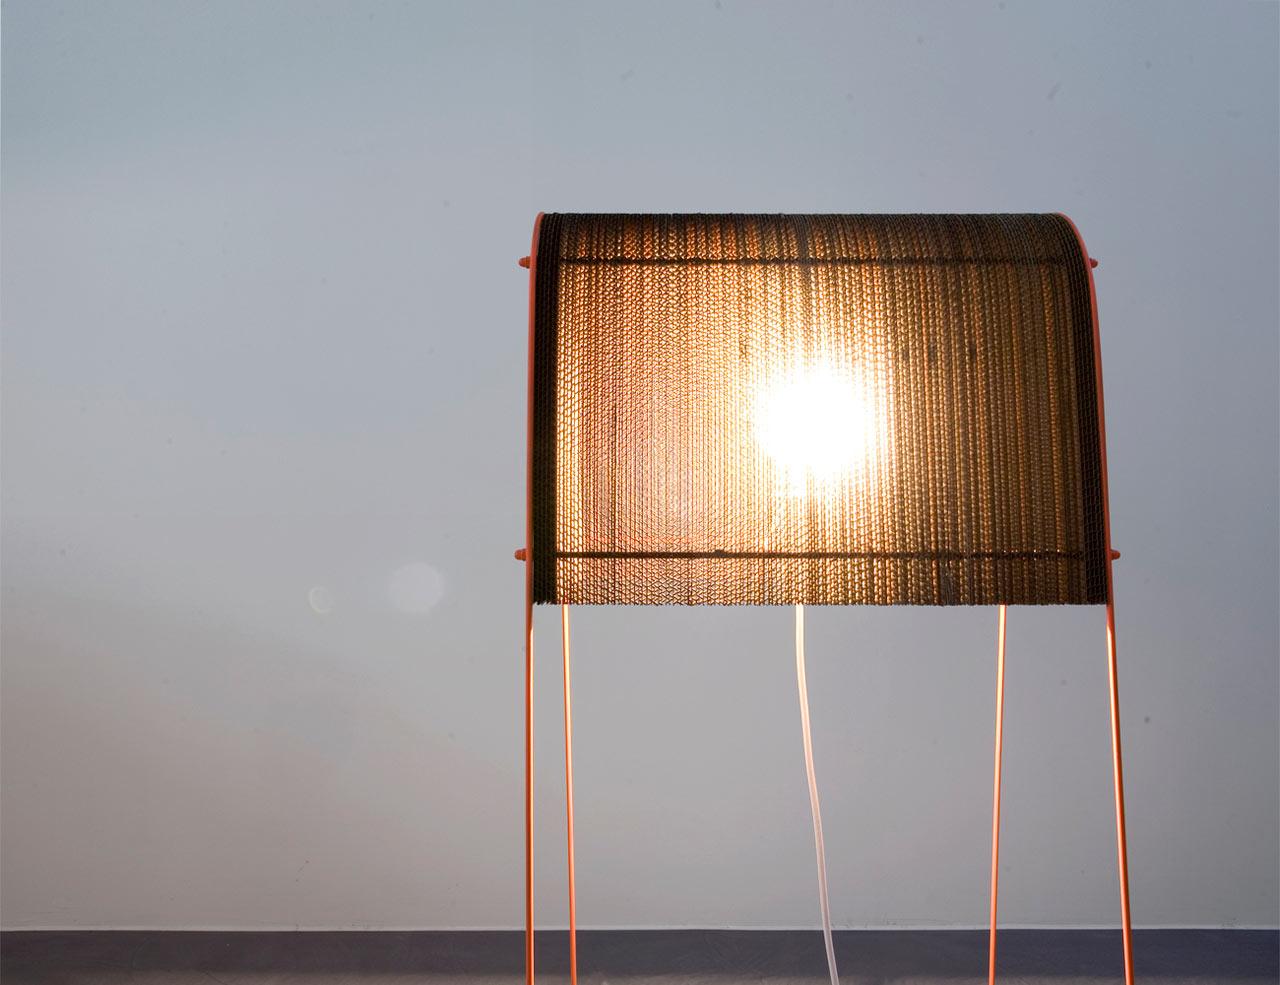 cardboard-metal-lamp-grandma-nico-goebel-1